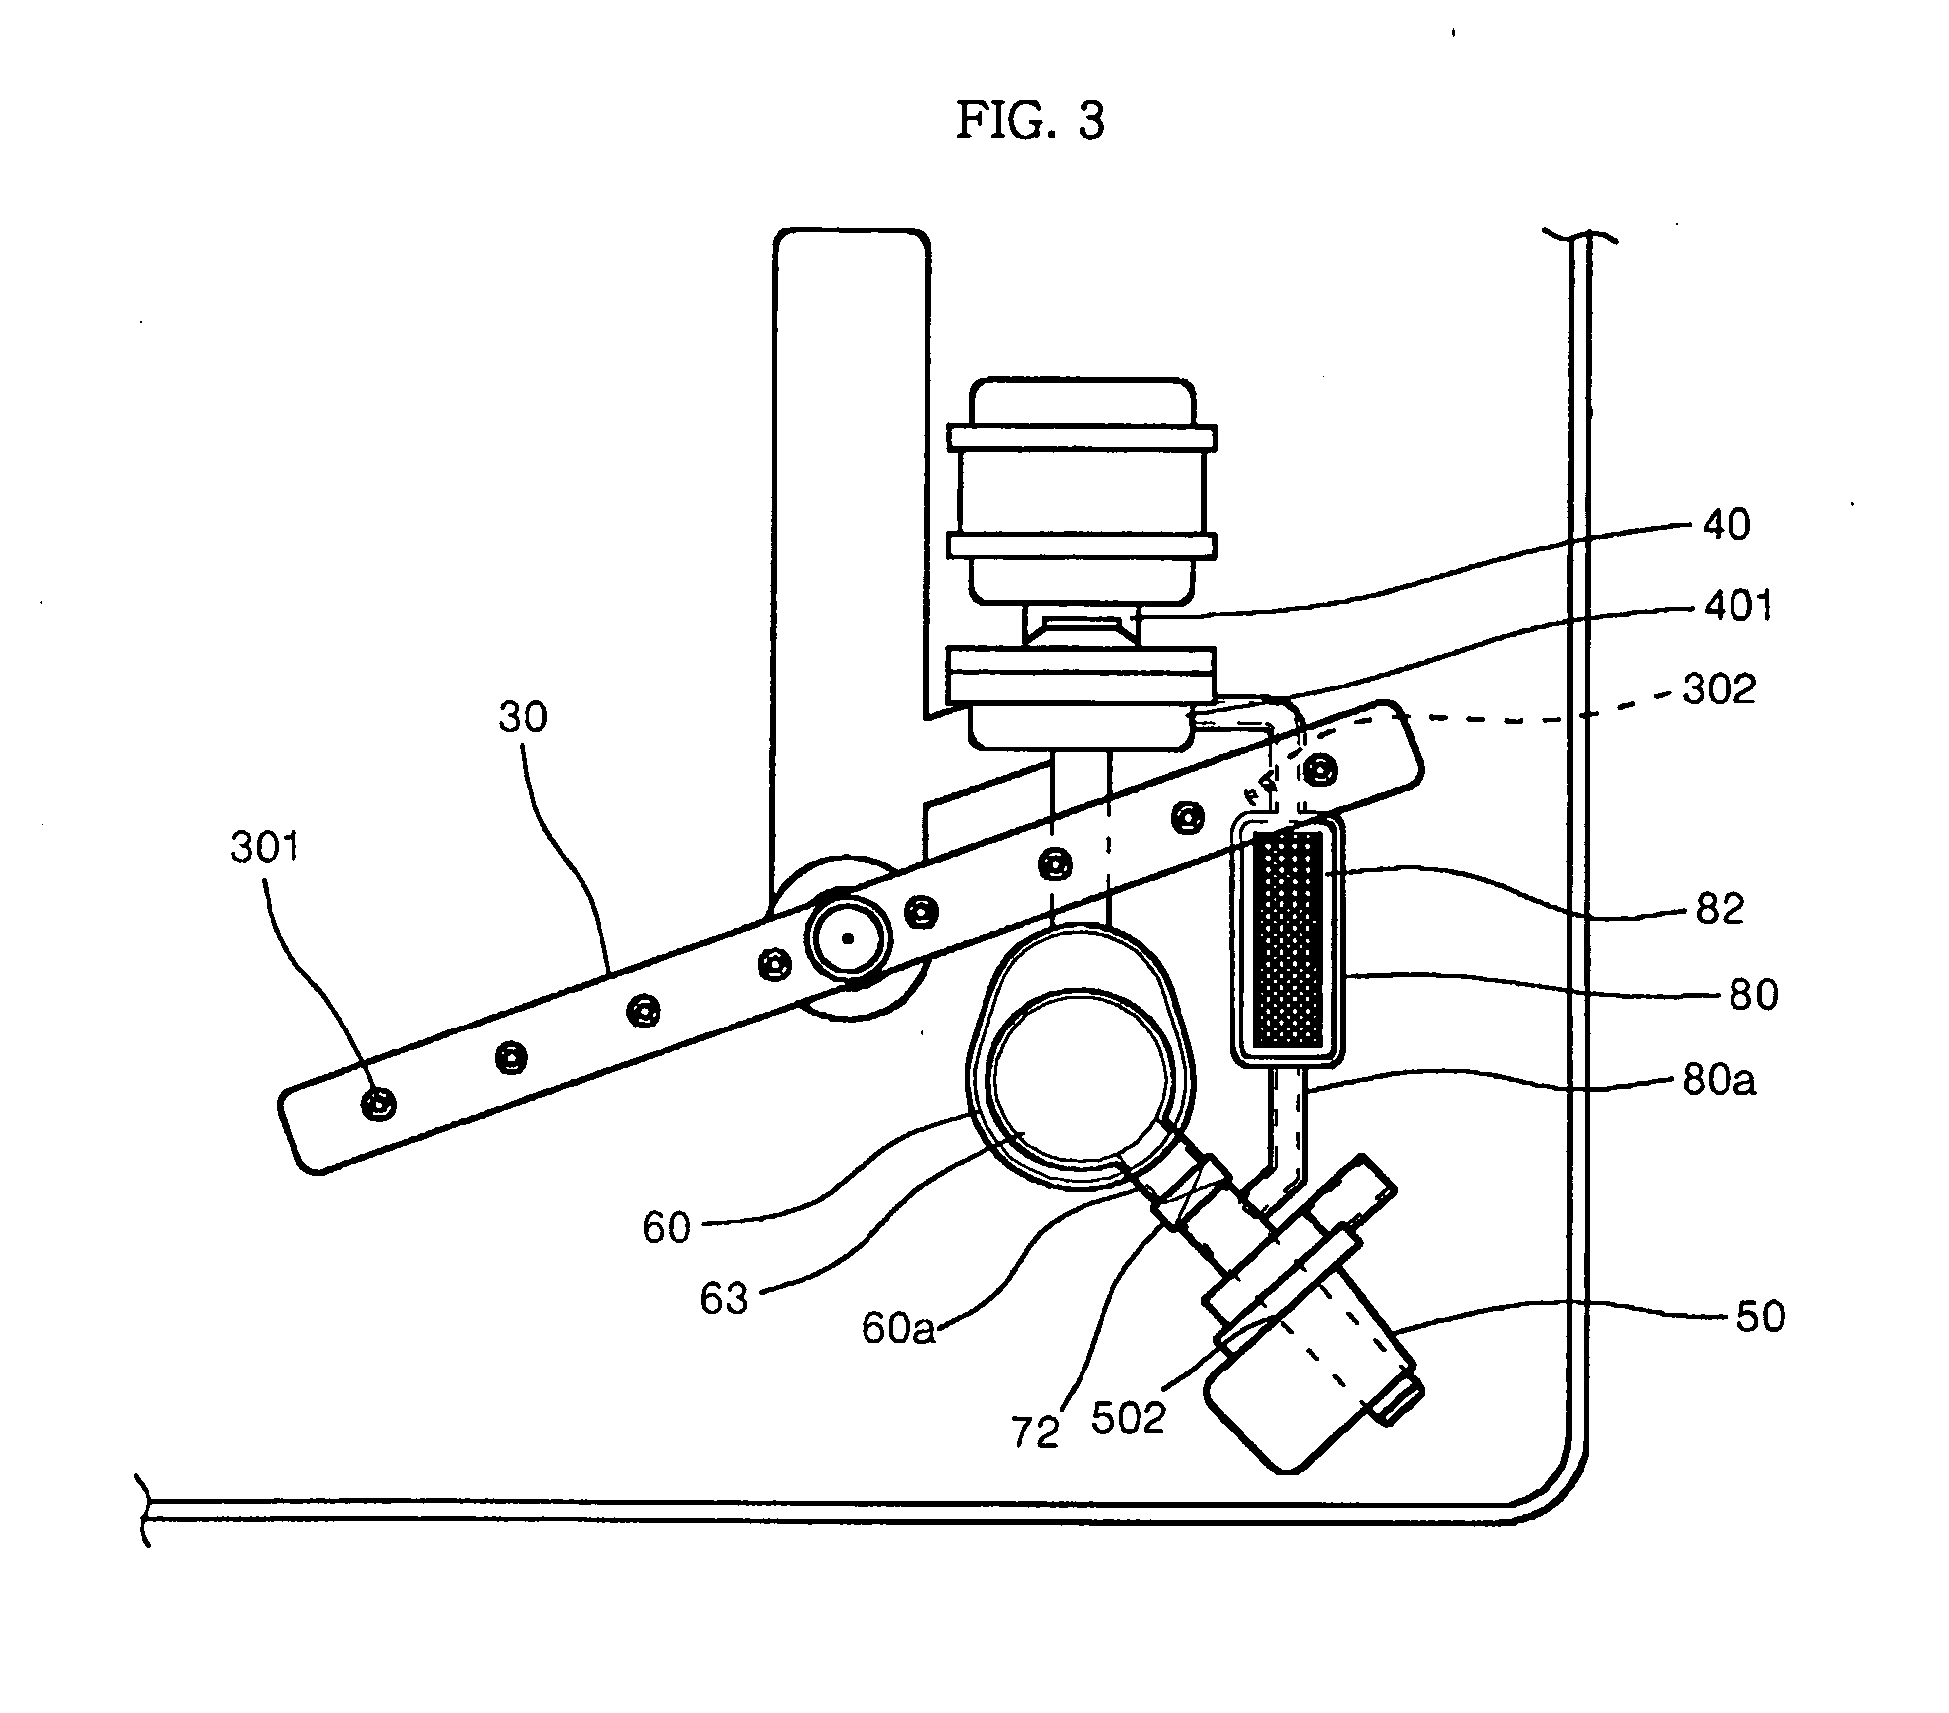 patent ep1256307b1 aufbau der fl ssigkeitsdurchg nge in einer sp lmaschine google patents. Black Bedroom Furniture Sets. Home Design Ideas